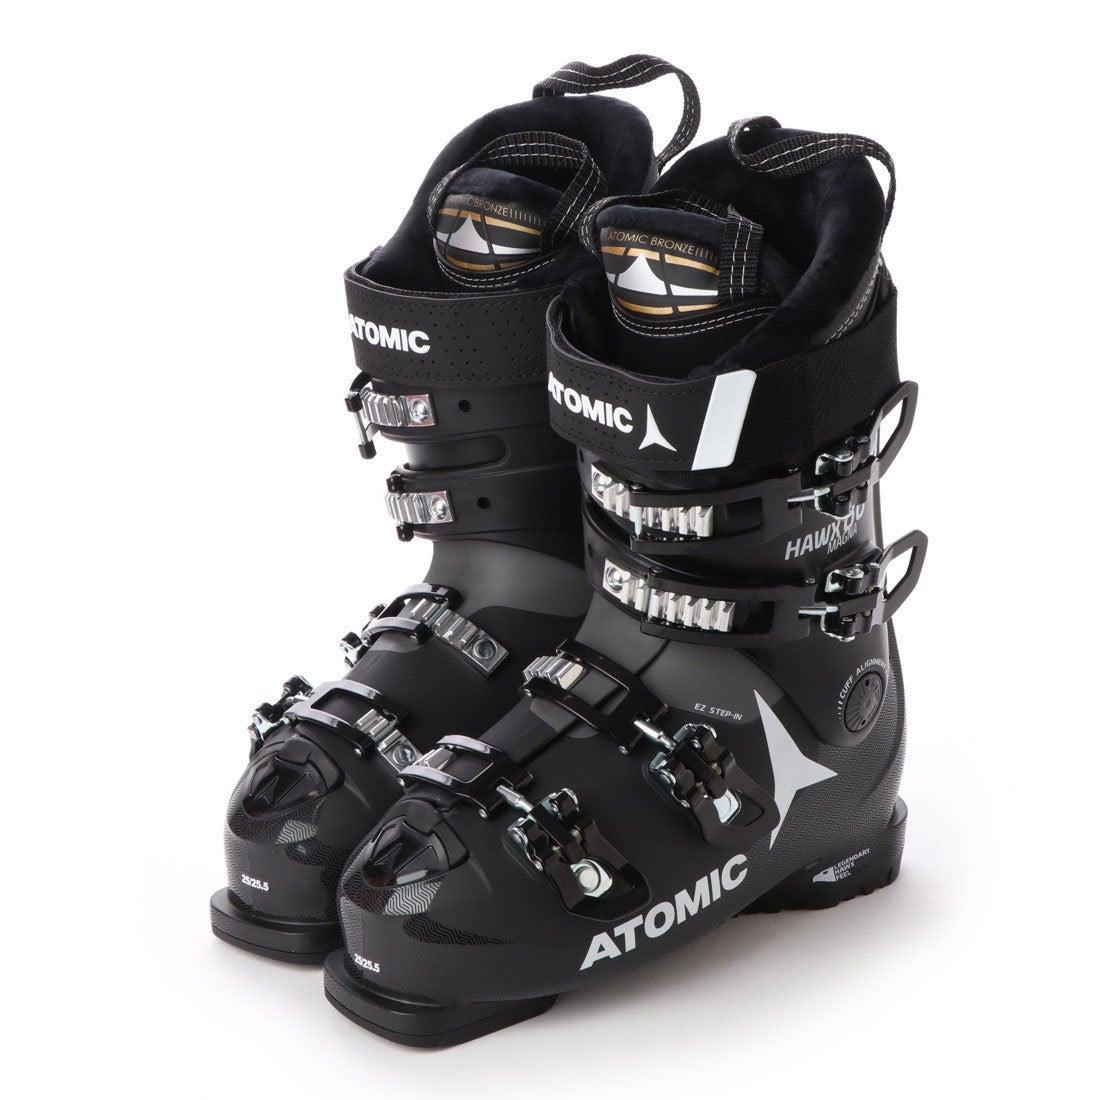 アトミック ATOMIC メンズ スキー ブーツ HAWX MAGNA 80 AE5018560